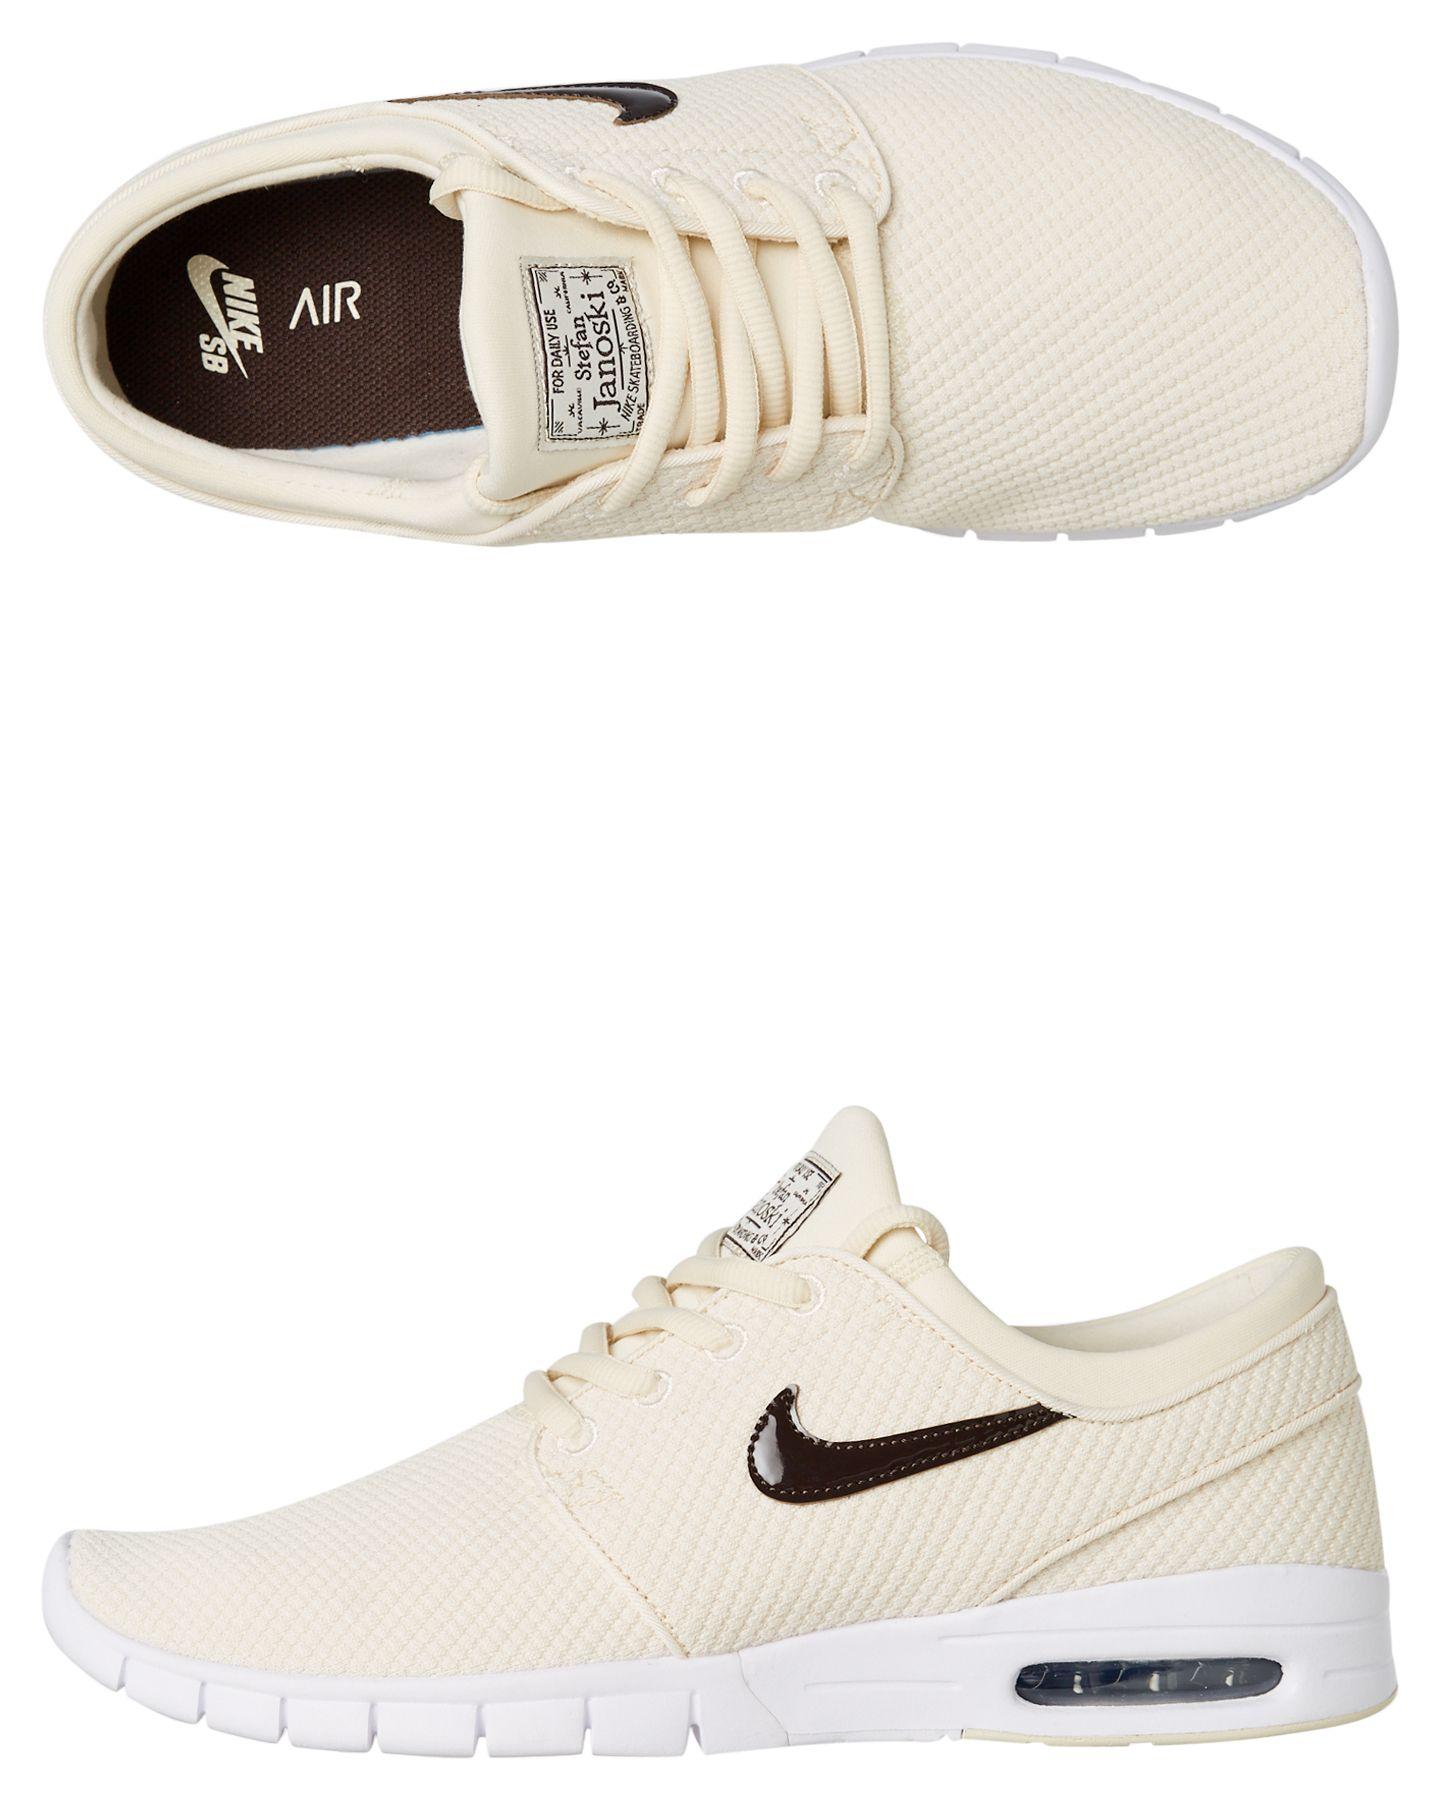 b56d51079f Womens Stefan Janoski Max Shoe in 2019 | Shoes | Shoes, Nike women ...